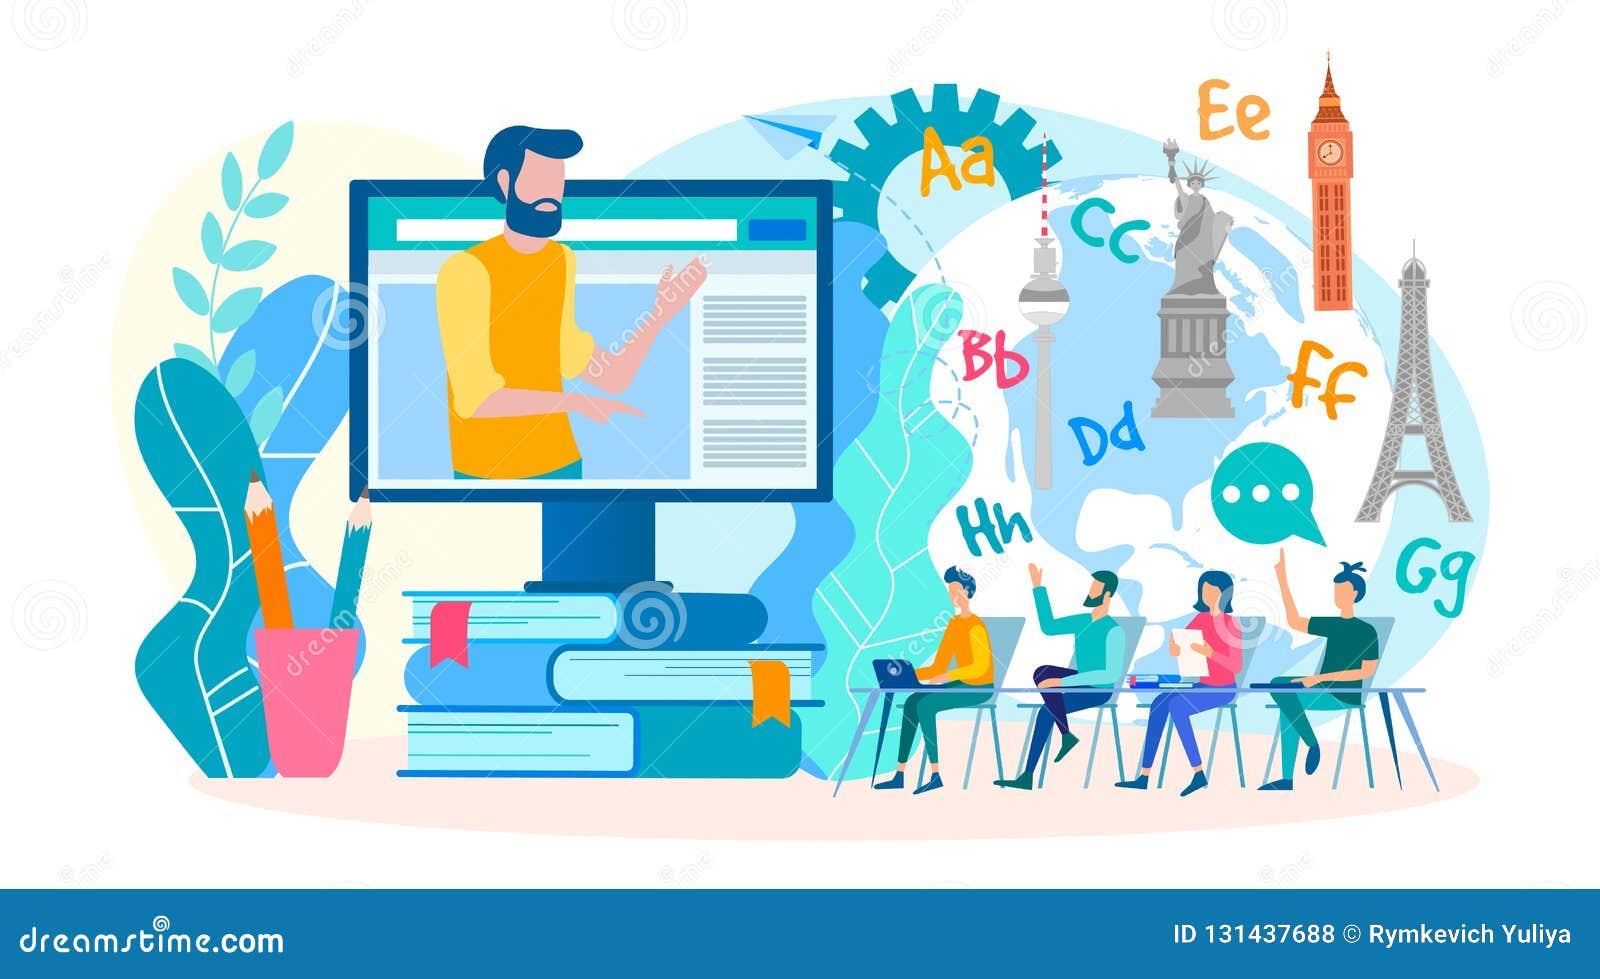 Online webinars, vreemde taallessen online Klassen in vreemde talen in de groep online Vector illustratie